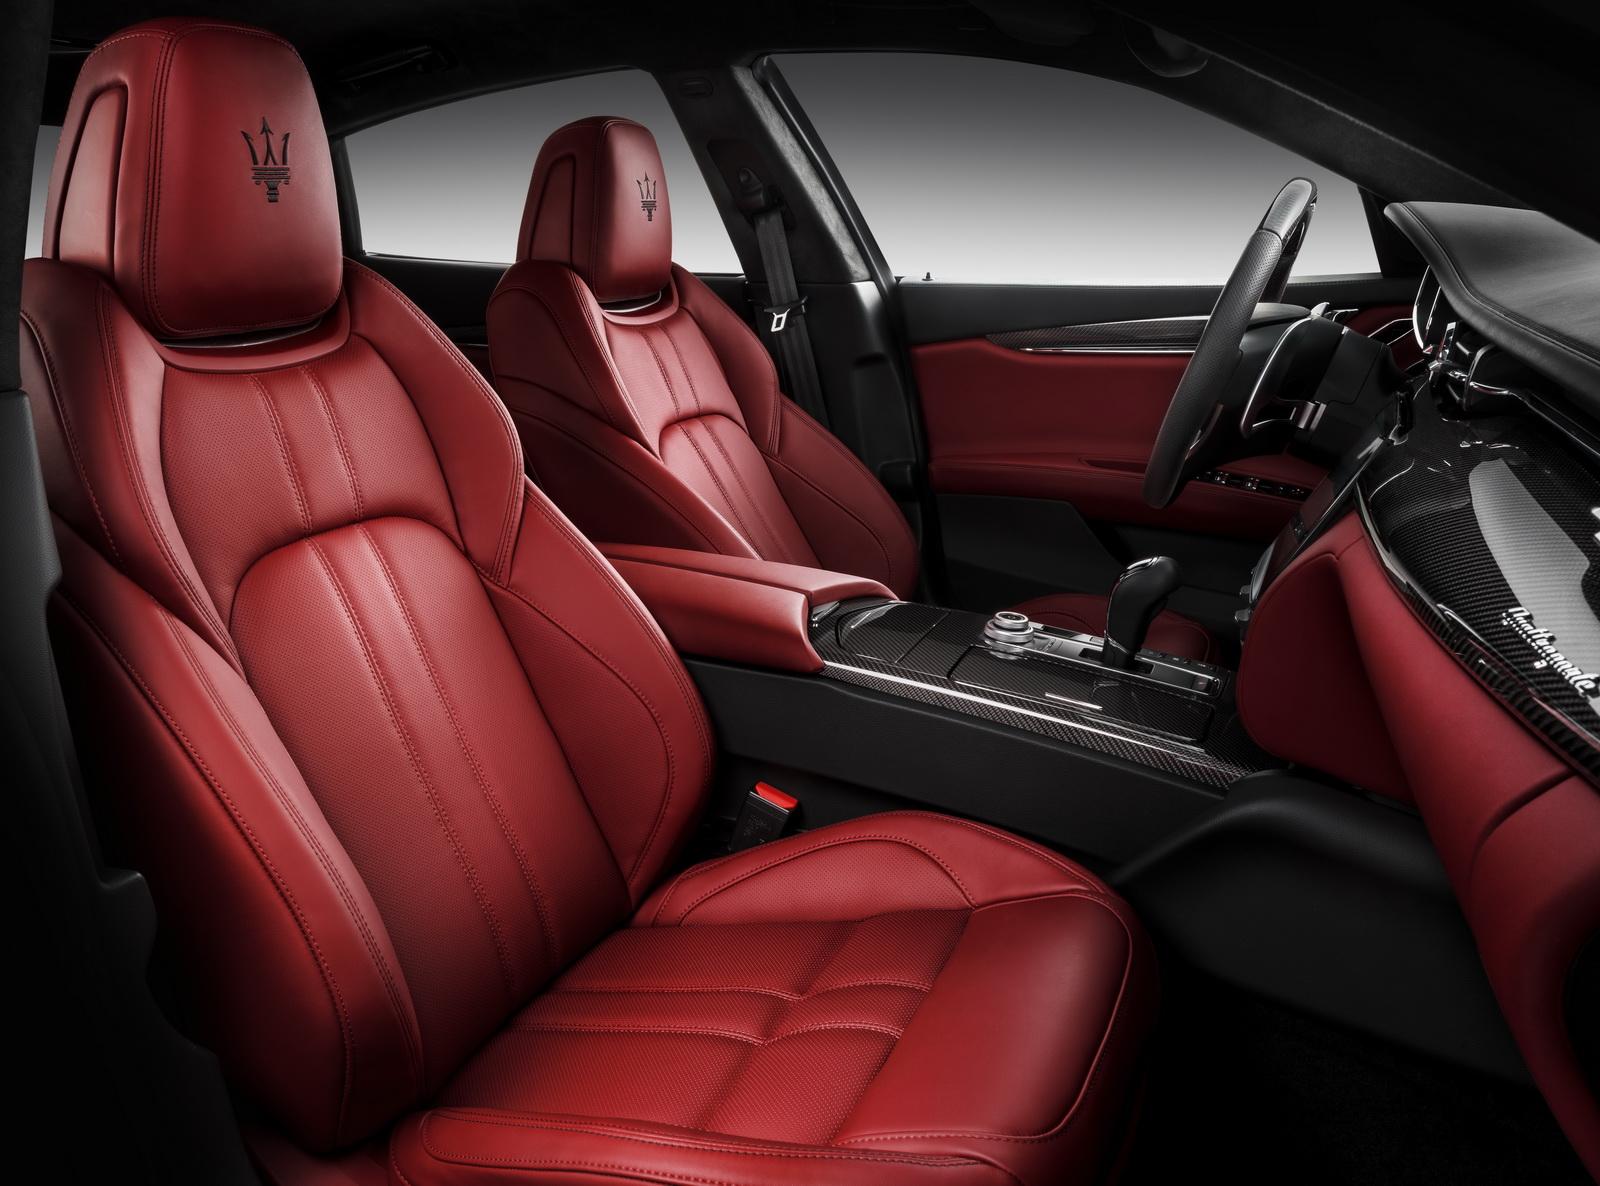 Maserati-Quattroporte-14-06-2016-3